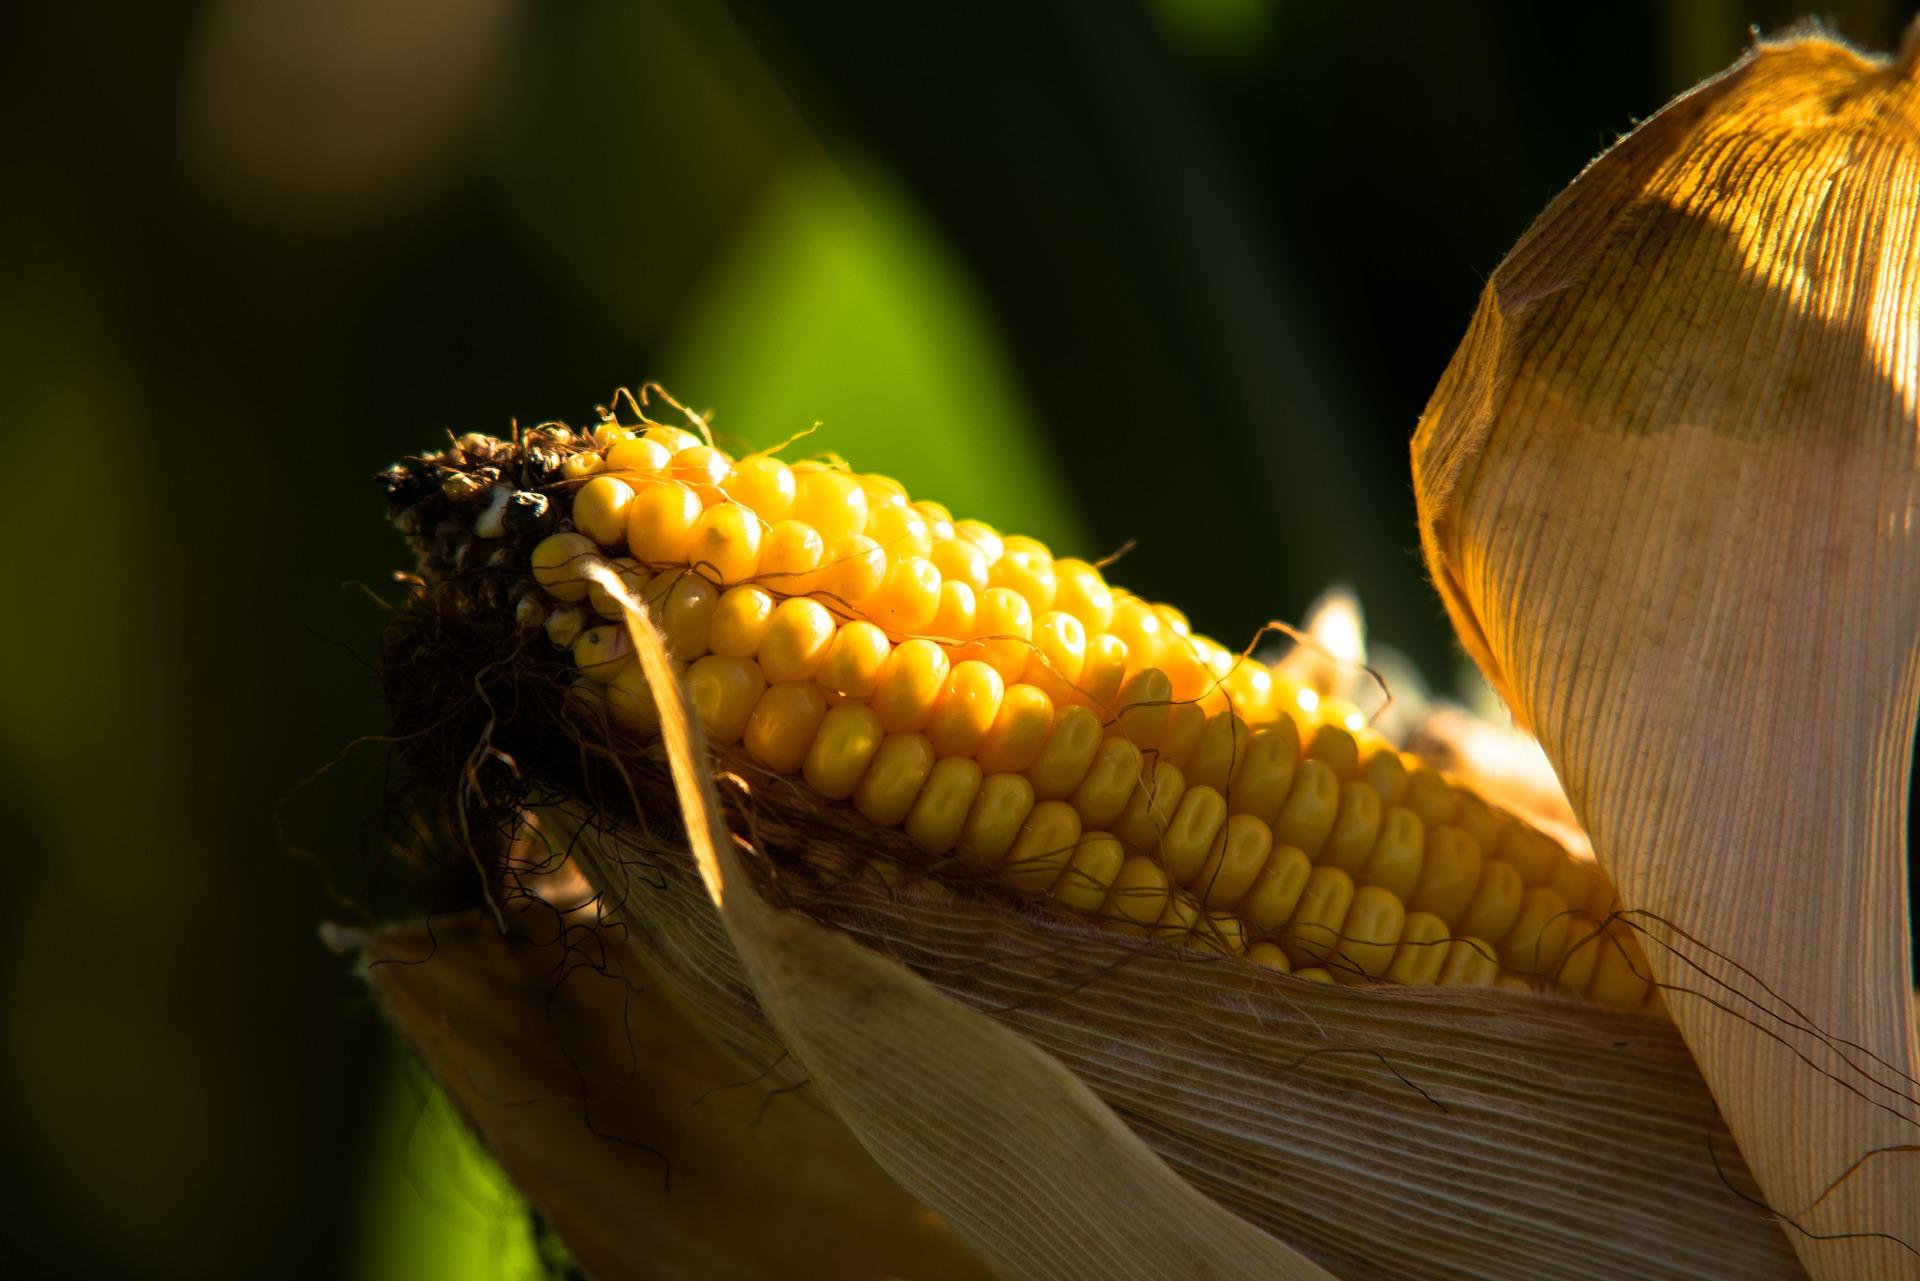 milho genérica_ Foto: Pixabay, divulgação